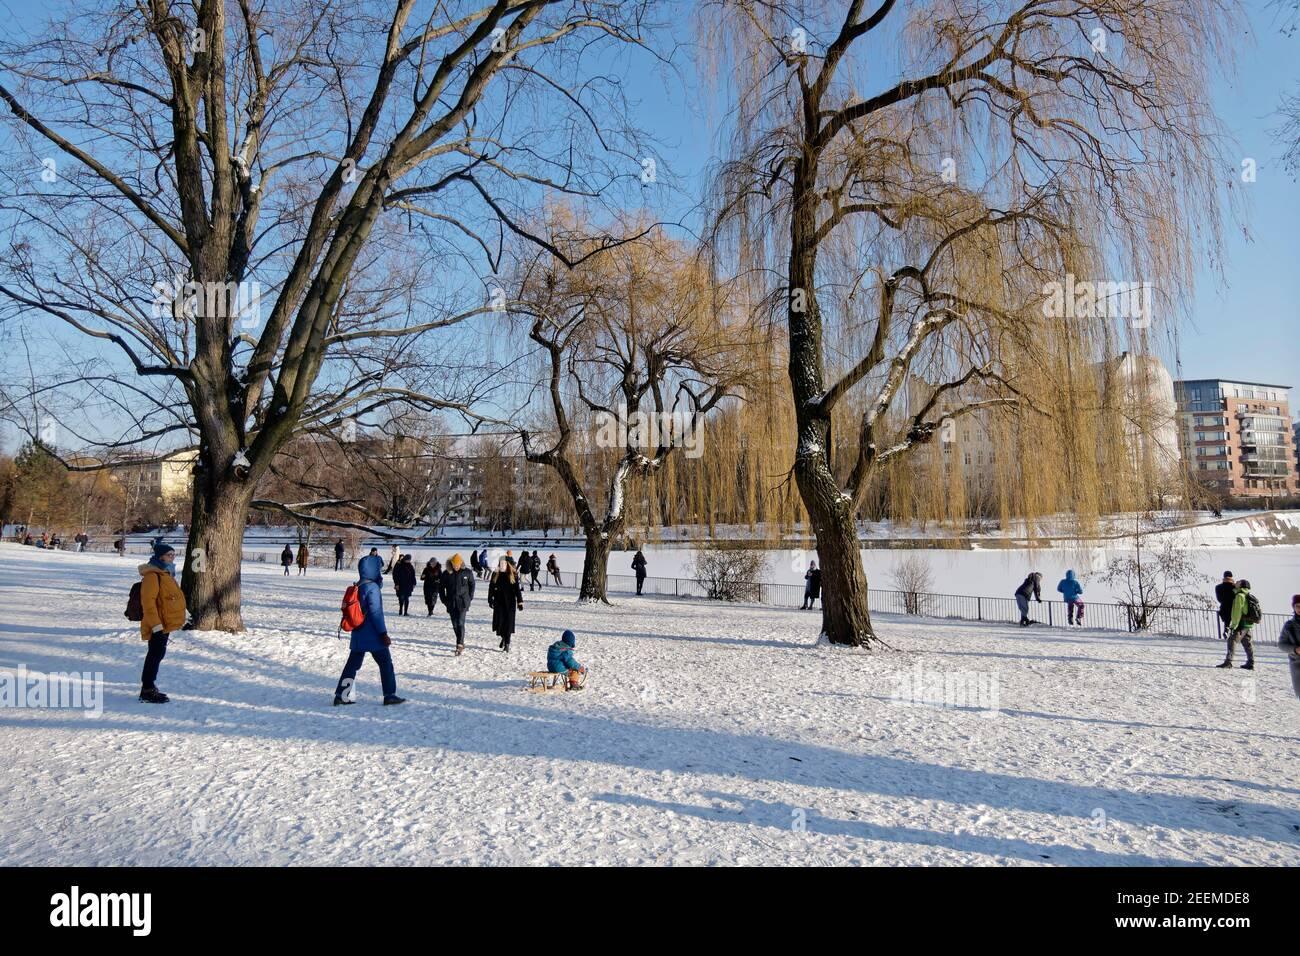 Am Landwehrkanal im Winter, Wintereinbruch im Februar 2021, Spaziergänger in winterlicher Landschaft, Berlin Stock Photo